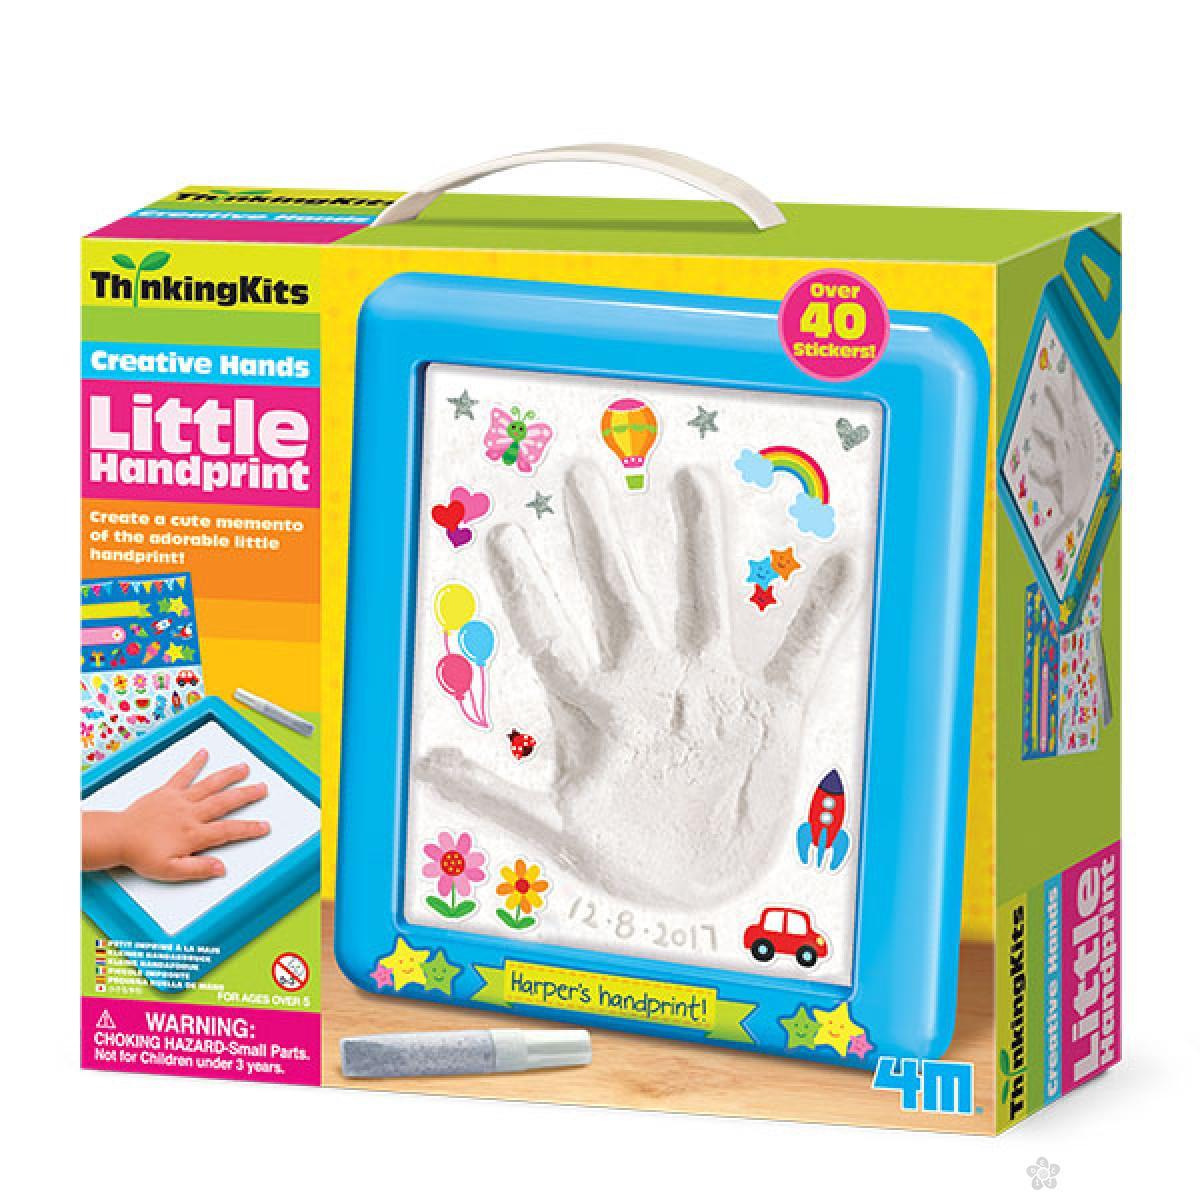 4M Little Handprint, 47267